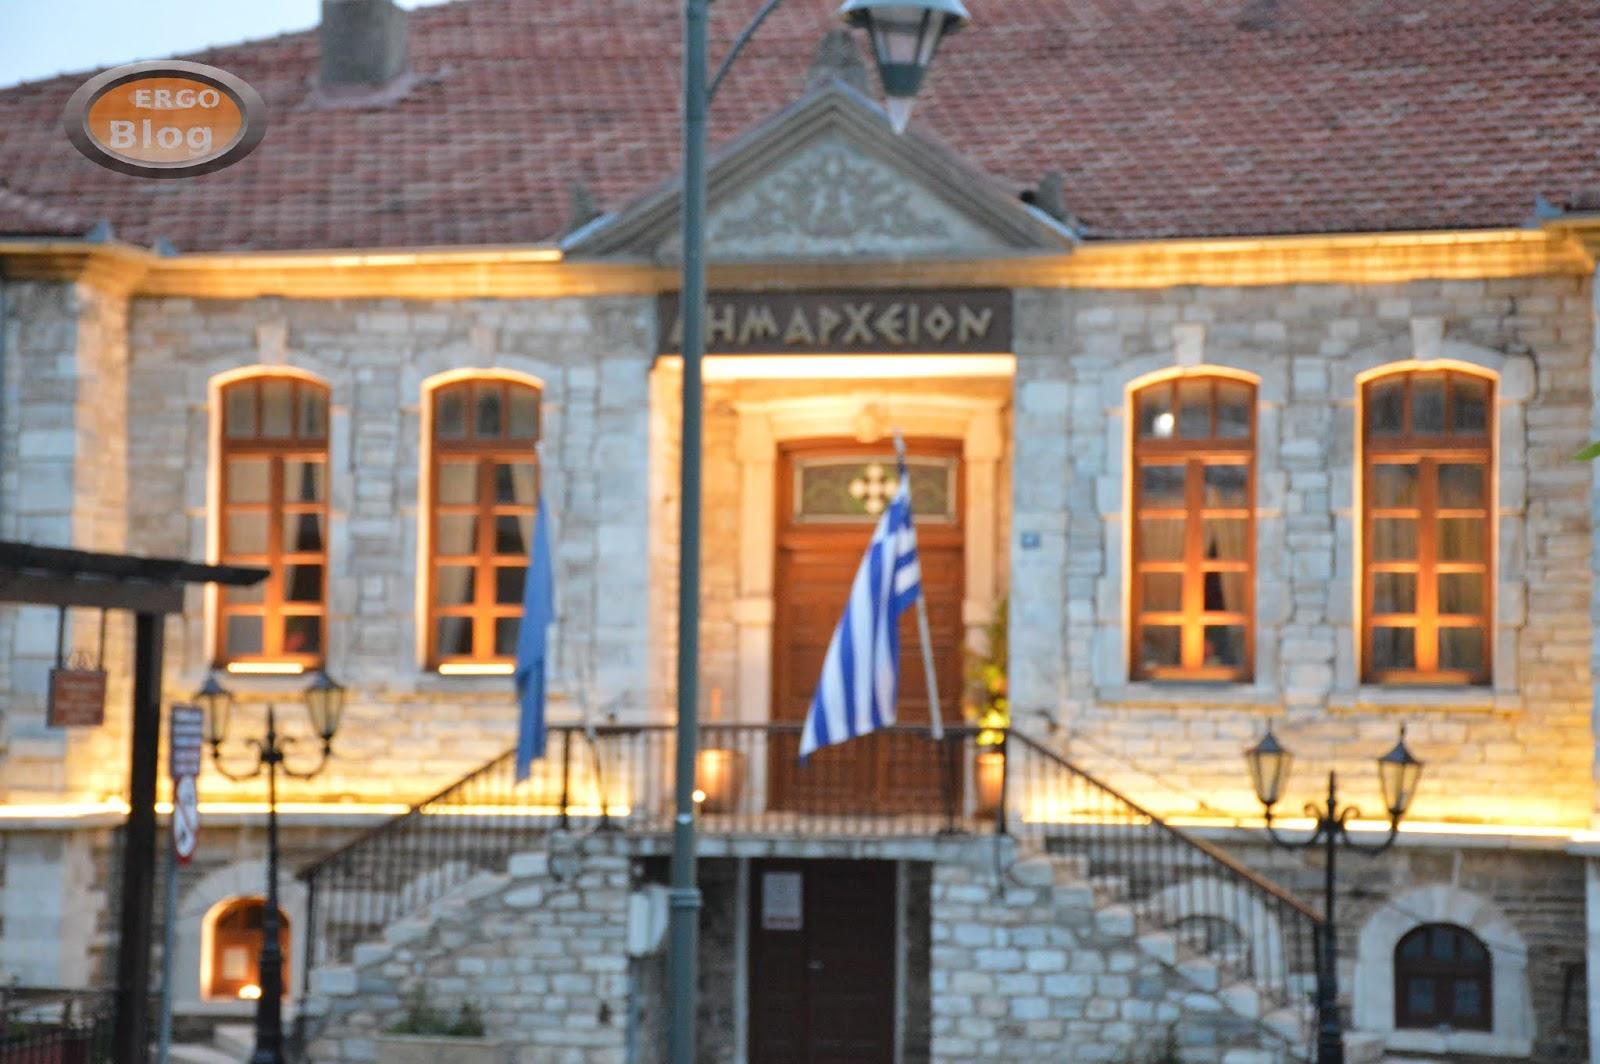 Τέσσερις (4) συνδυασμοί διεκδικούν τη διοίκηση του Δήμου Πολυγύρου.